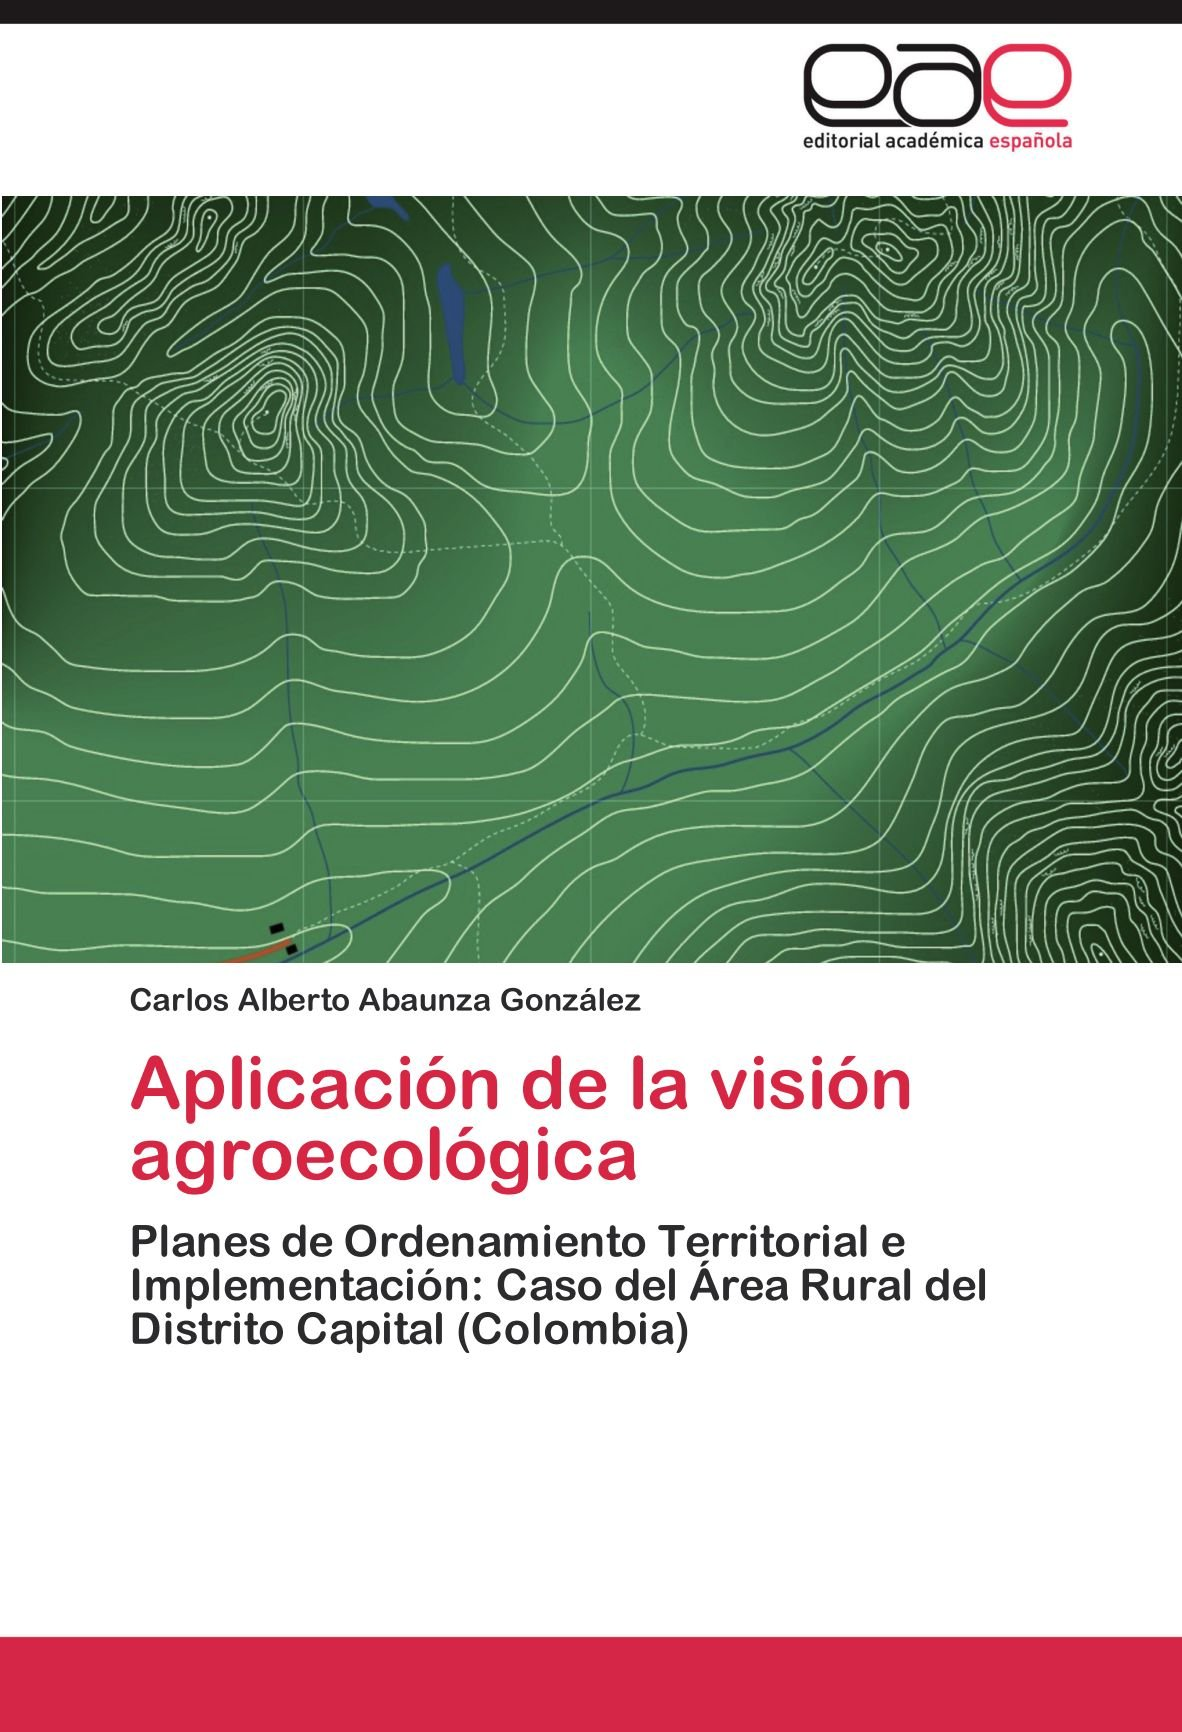 Download Aplicación de la visión agroecológica: Planes de Ordenamiento Territorial e Implementación: Caso del Área Rural del Distrito Capital (Colombia) (Spanish Edition) pdf